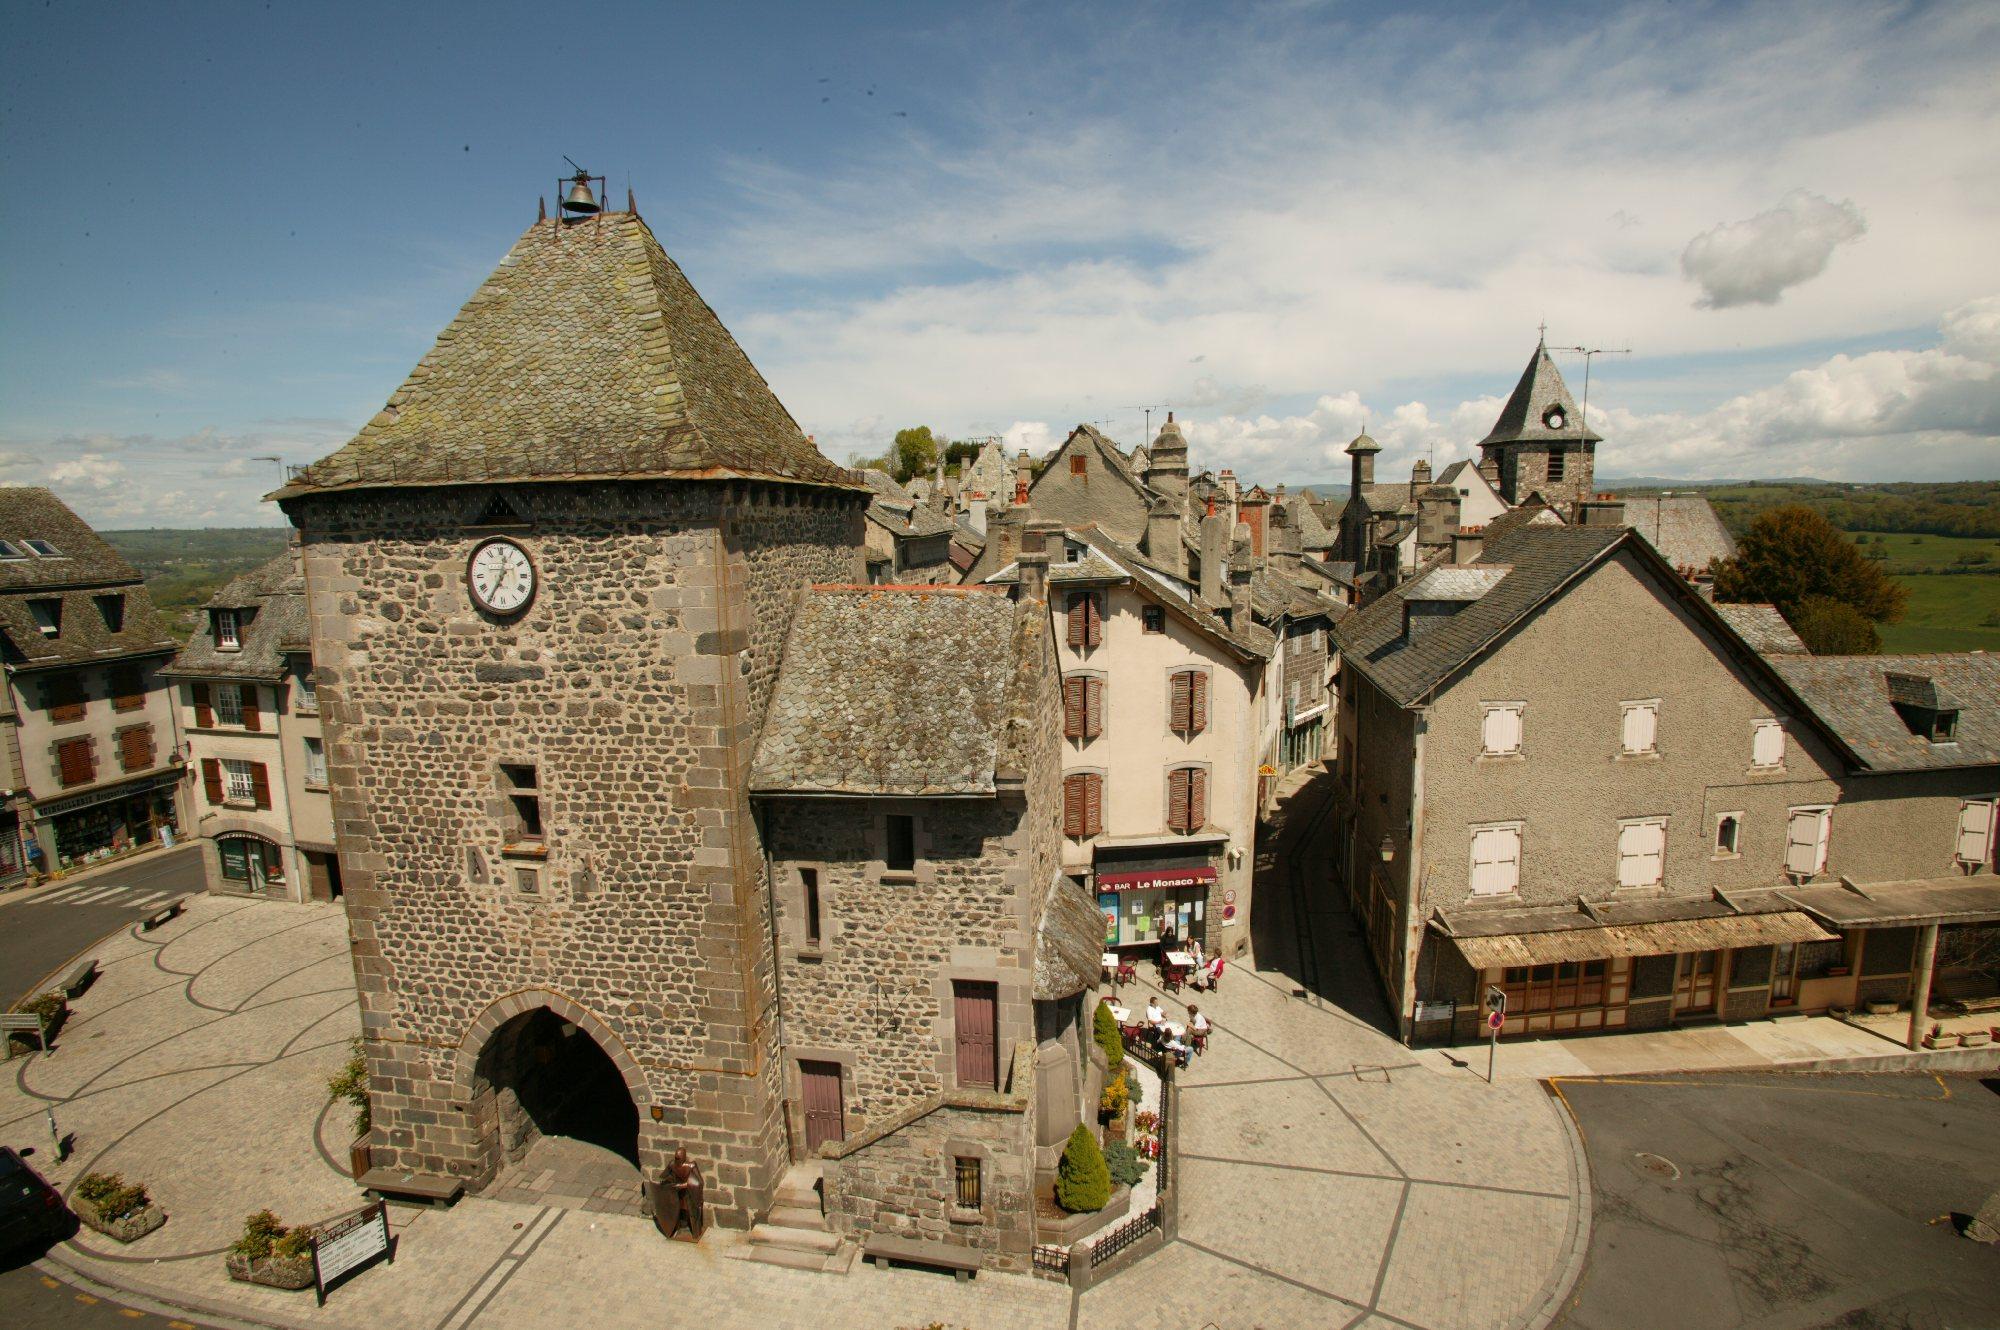 La tour de monaco mur de barrez patrimoine tourisme aveyron - Office de tourisme de monaco ...